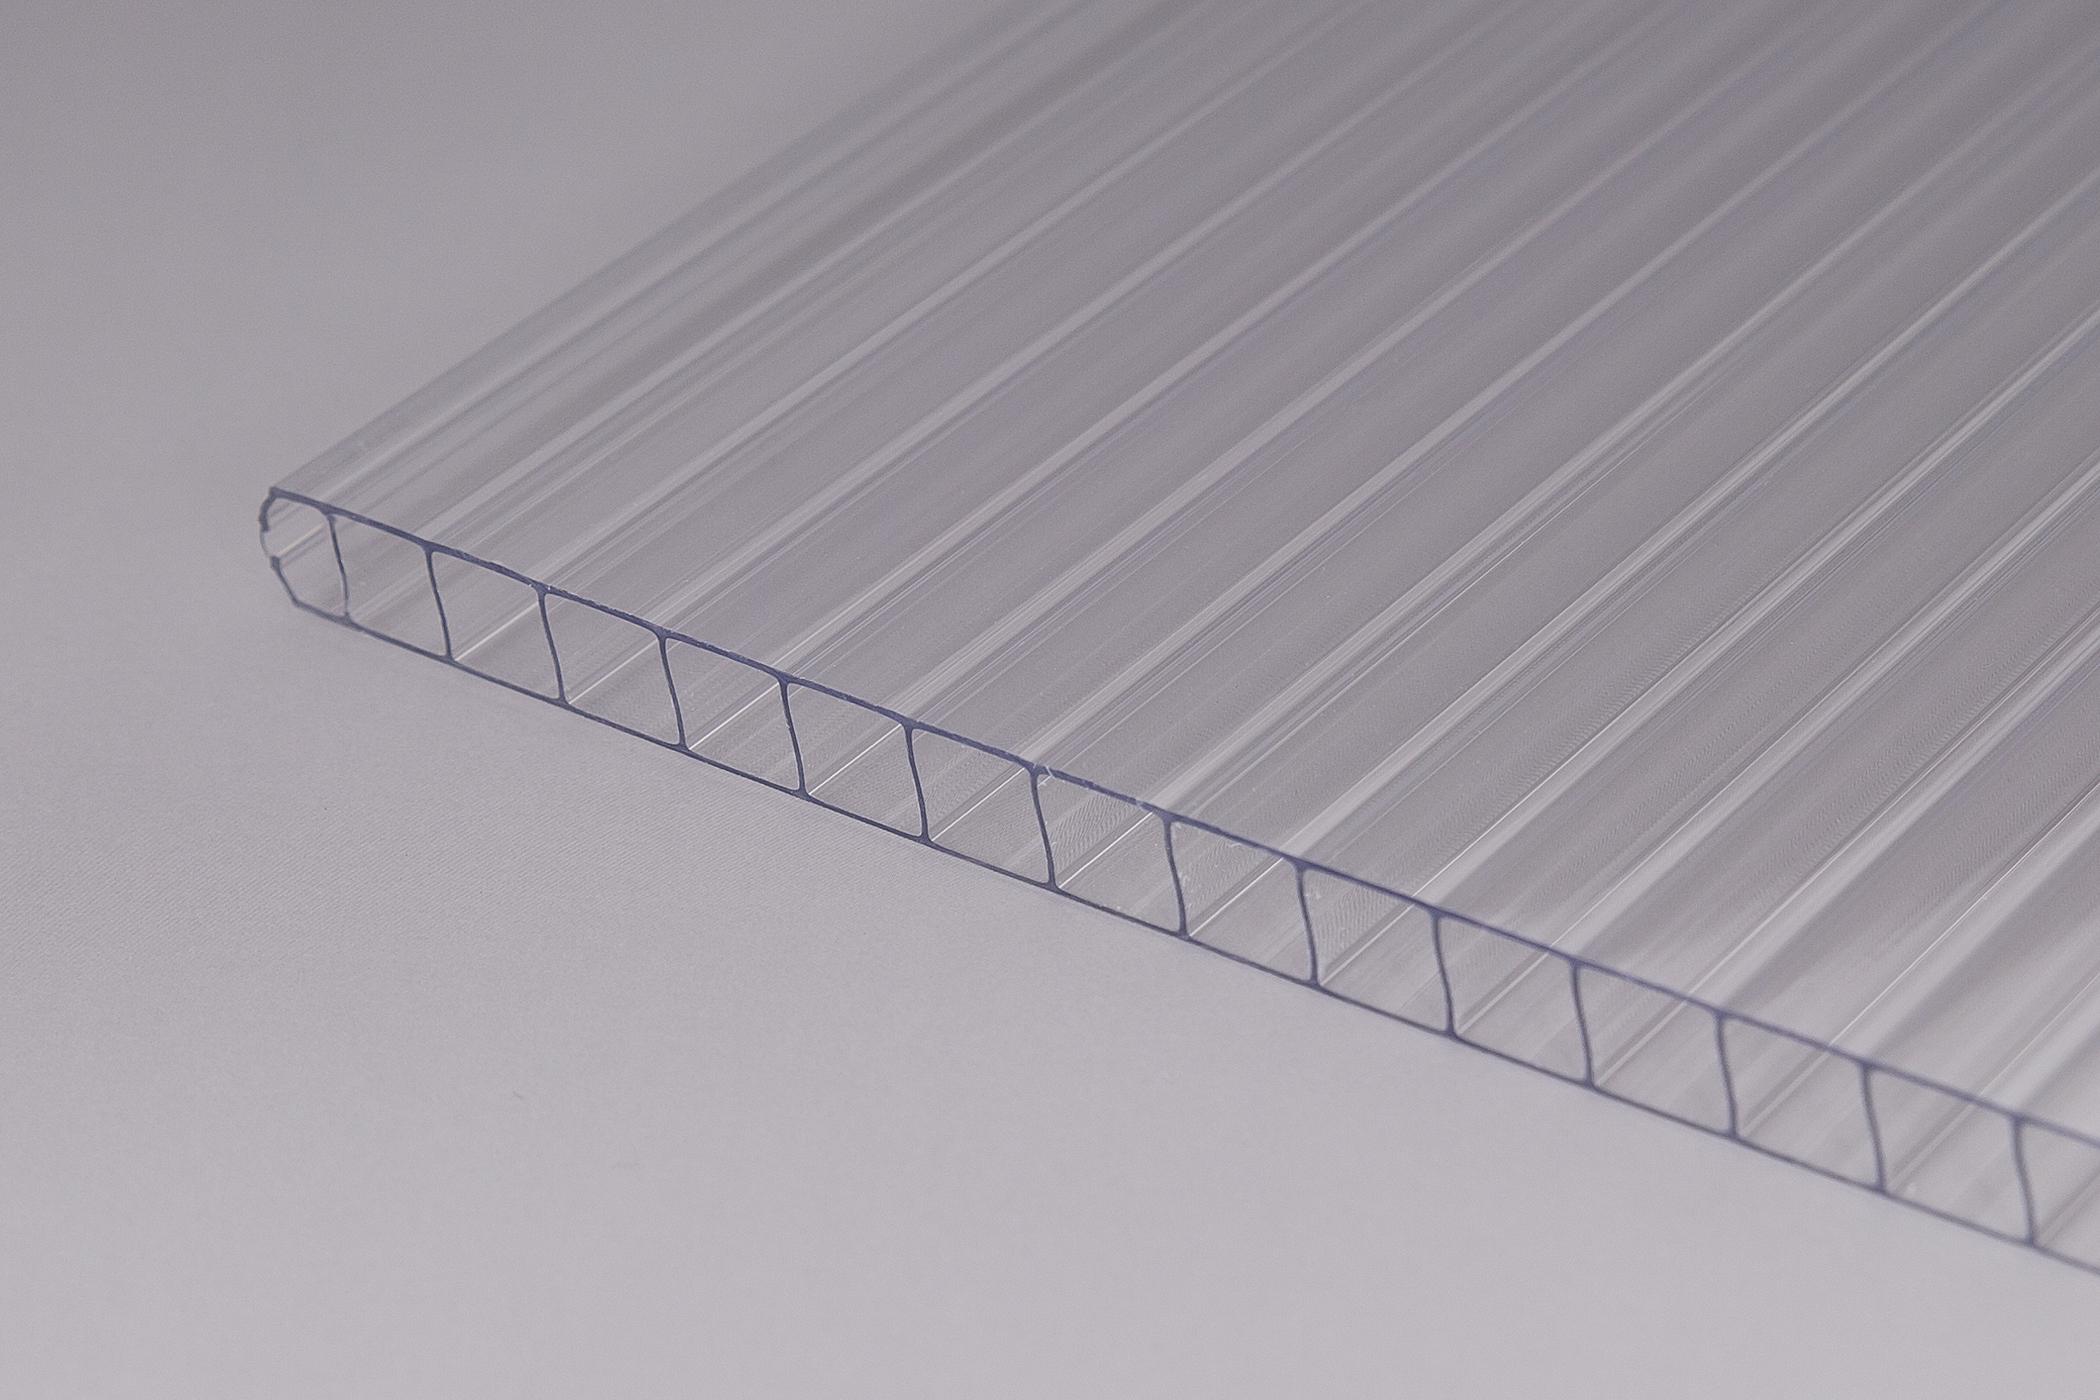 10mm doppelstegplatten polycarbonat glashell bernd fitschen gnbr. Black Bedroom Furniture Sets. Home Design Ideas